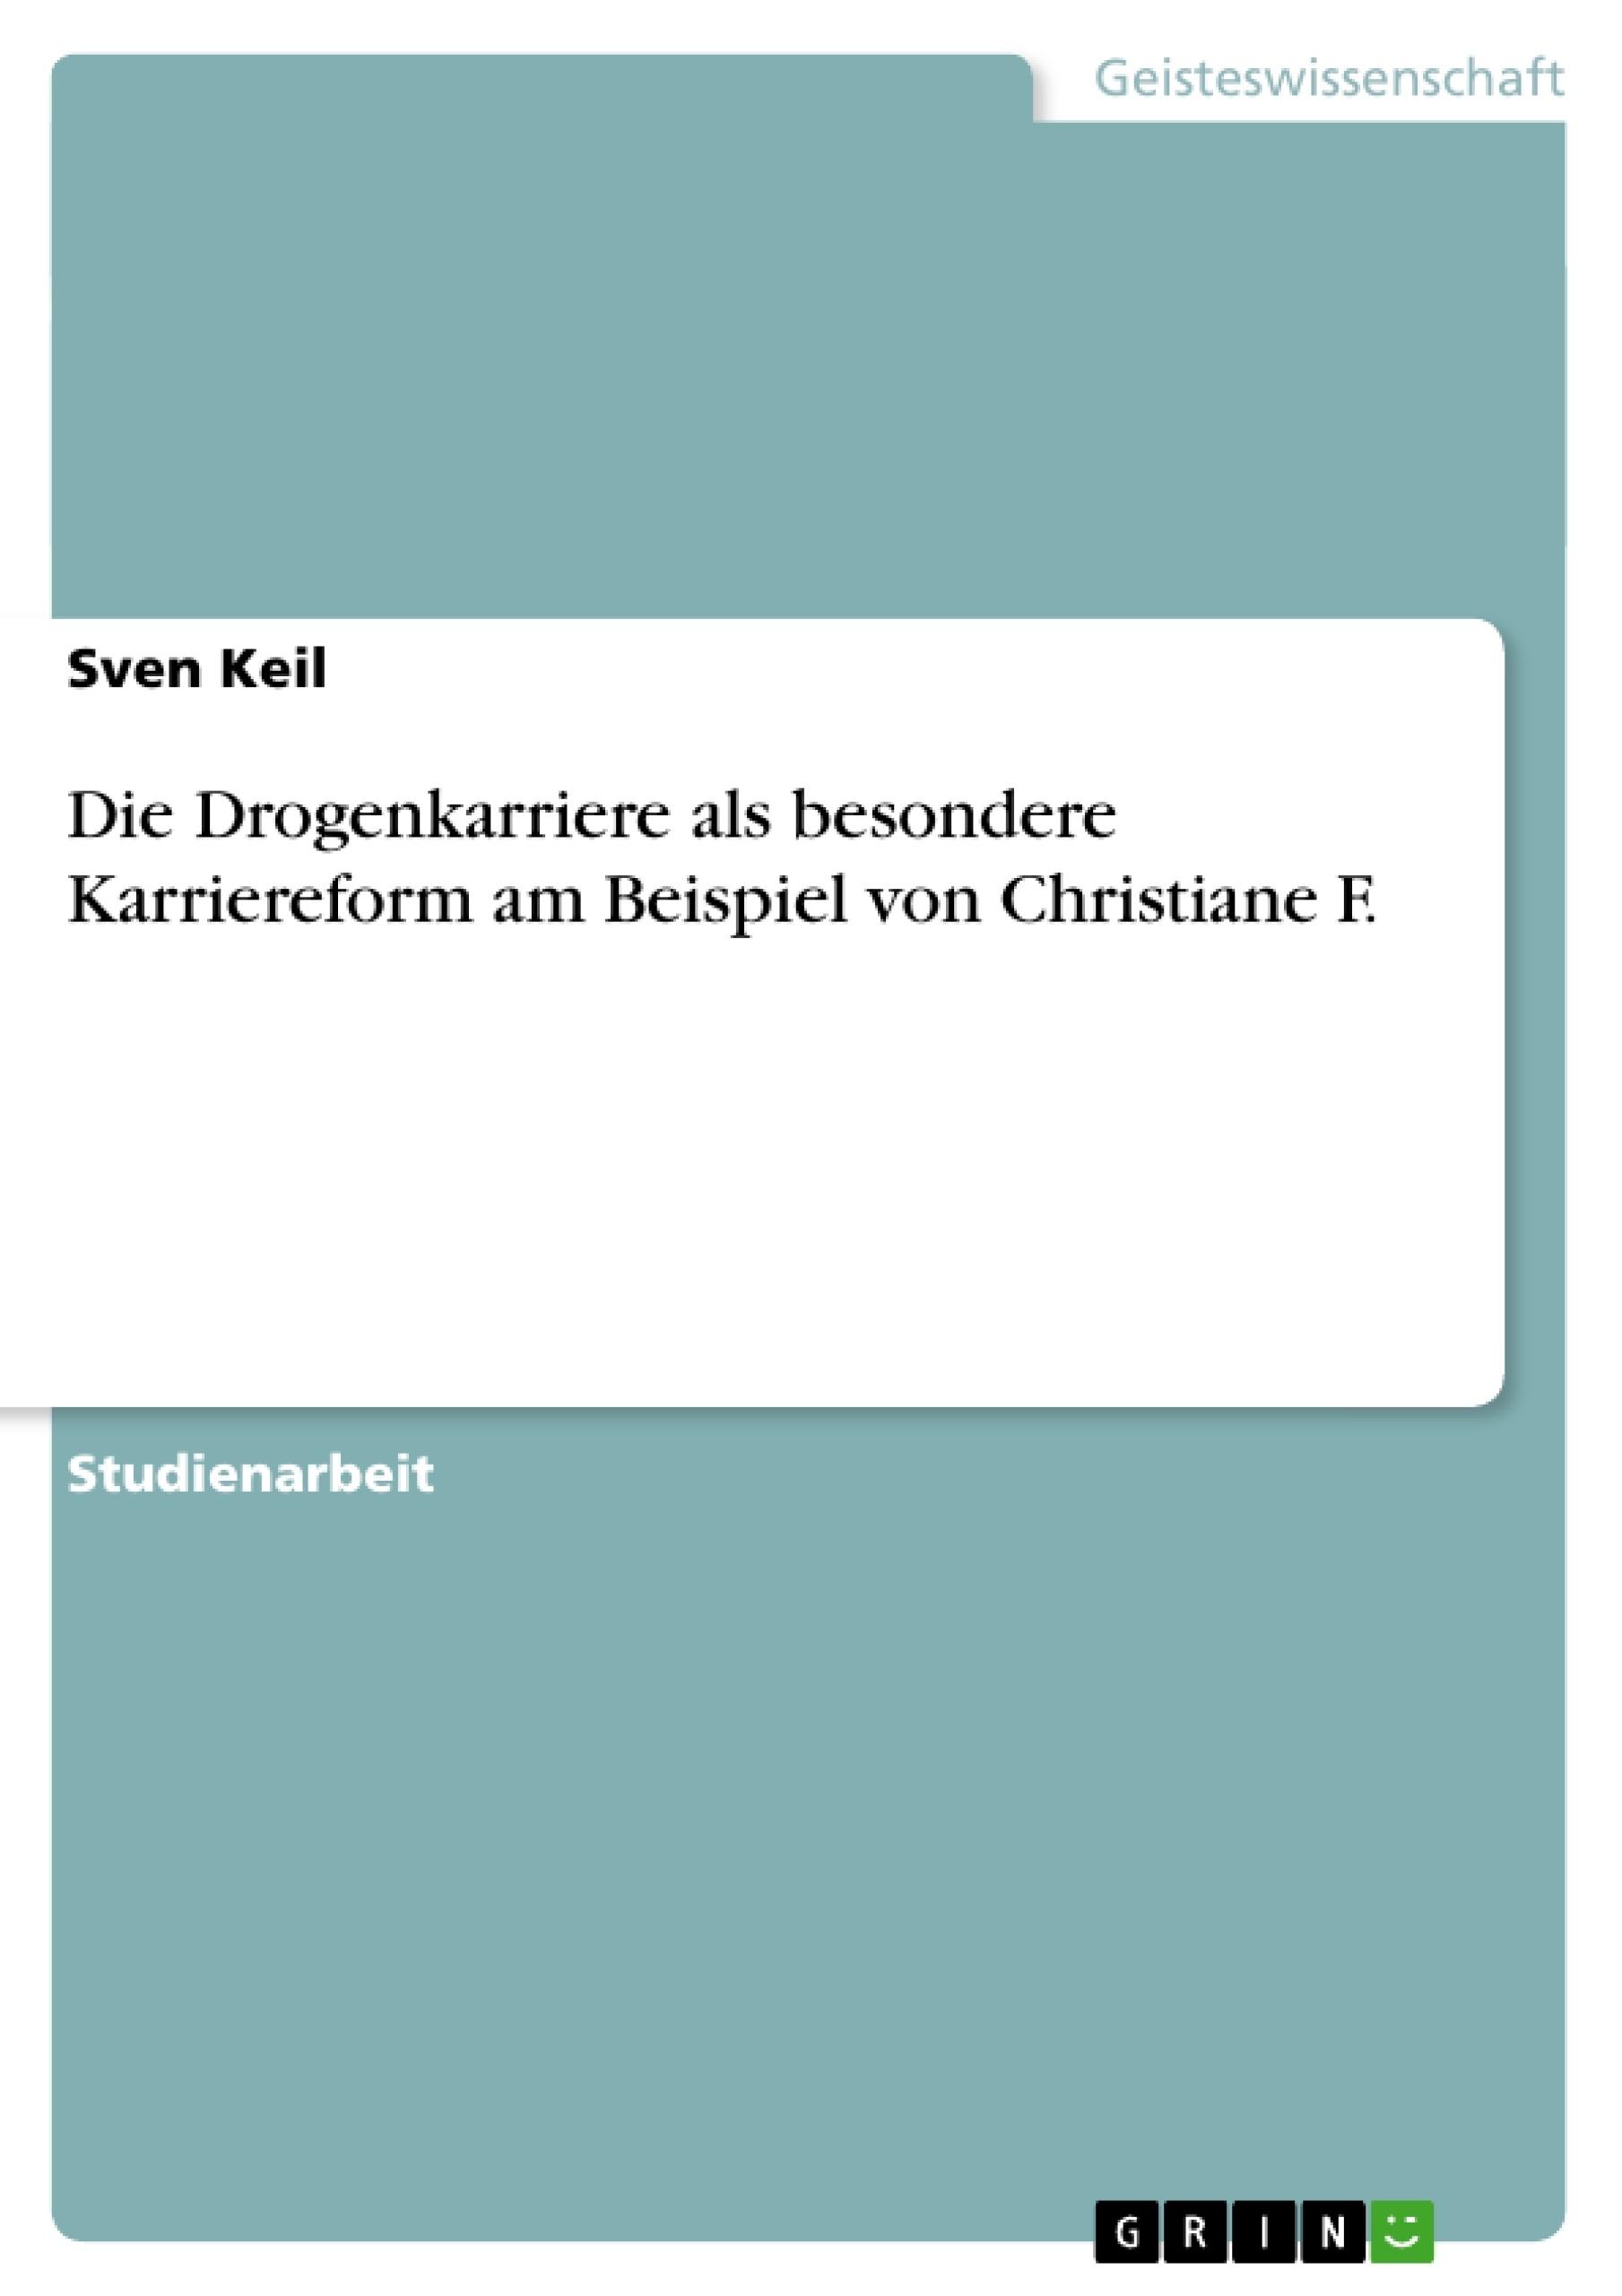 Titel: Die Drogenkarriere als besondere Karriereform am Beispiel von Christiane F.